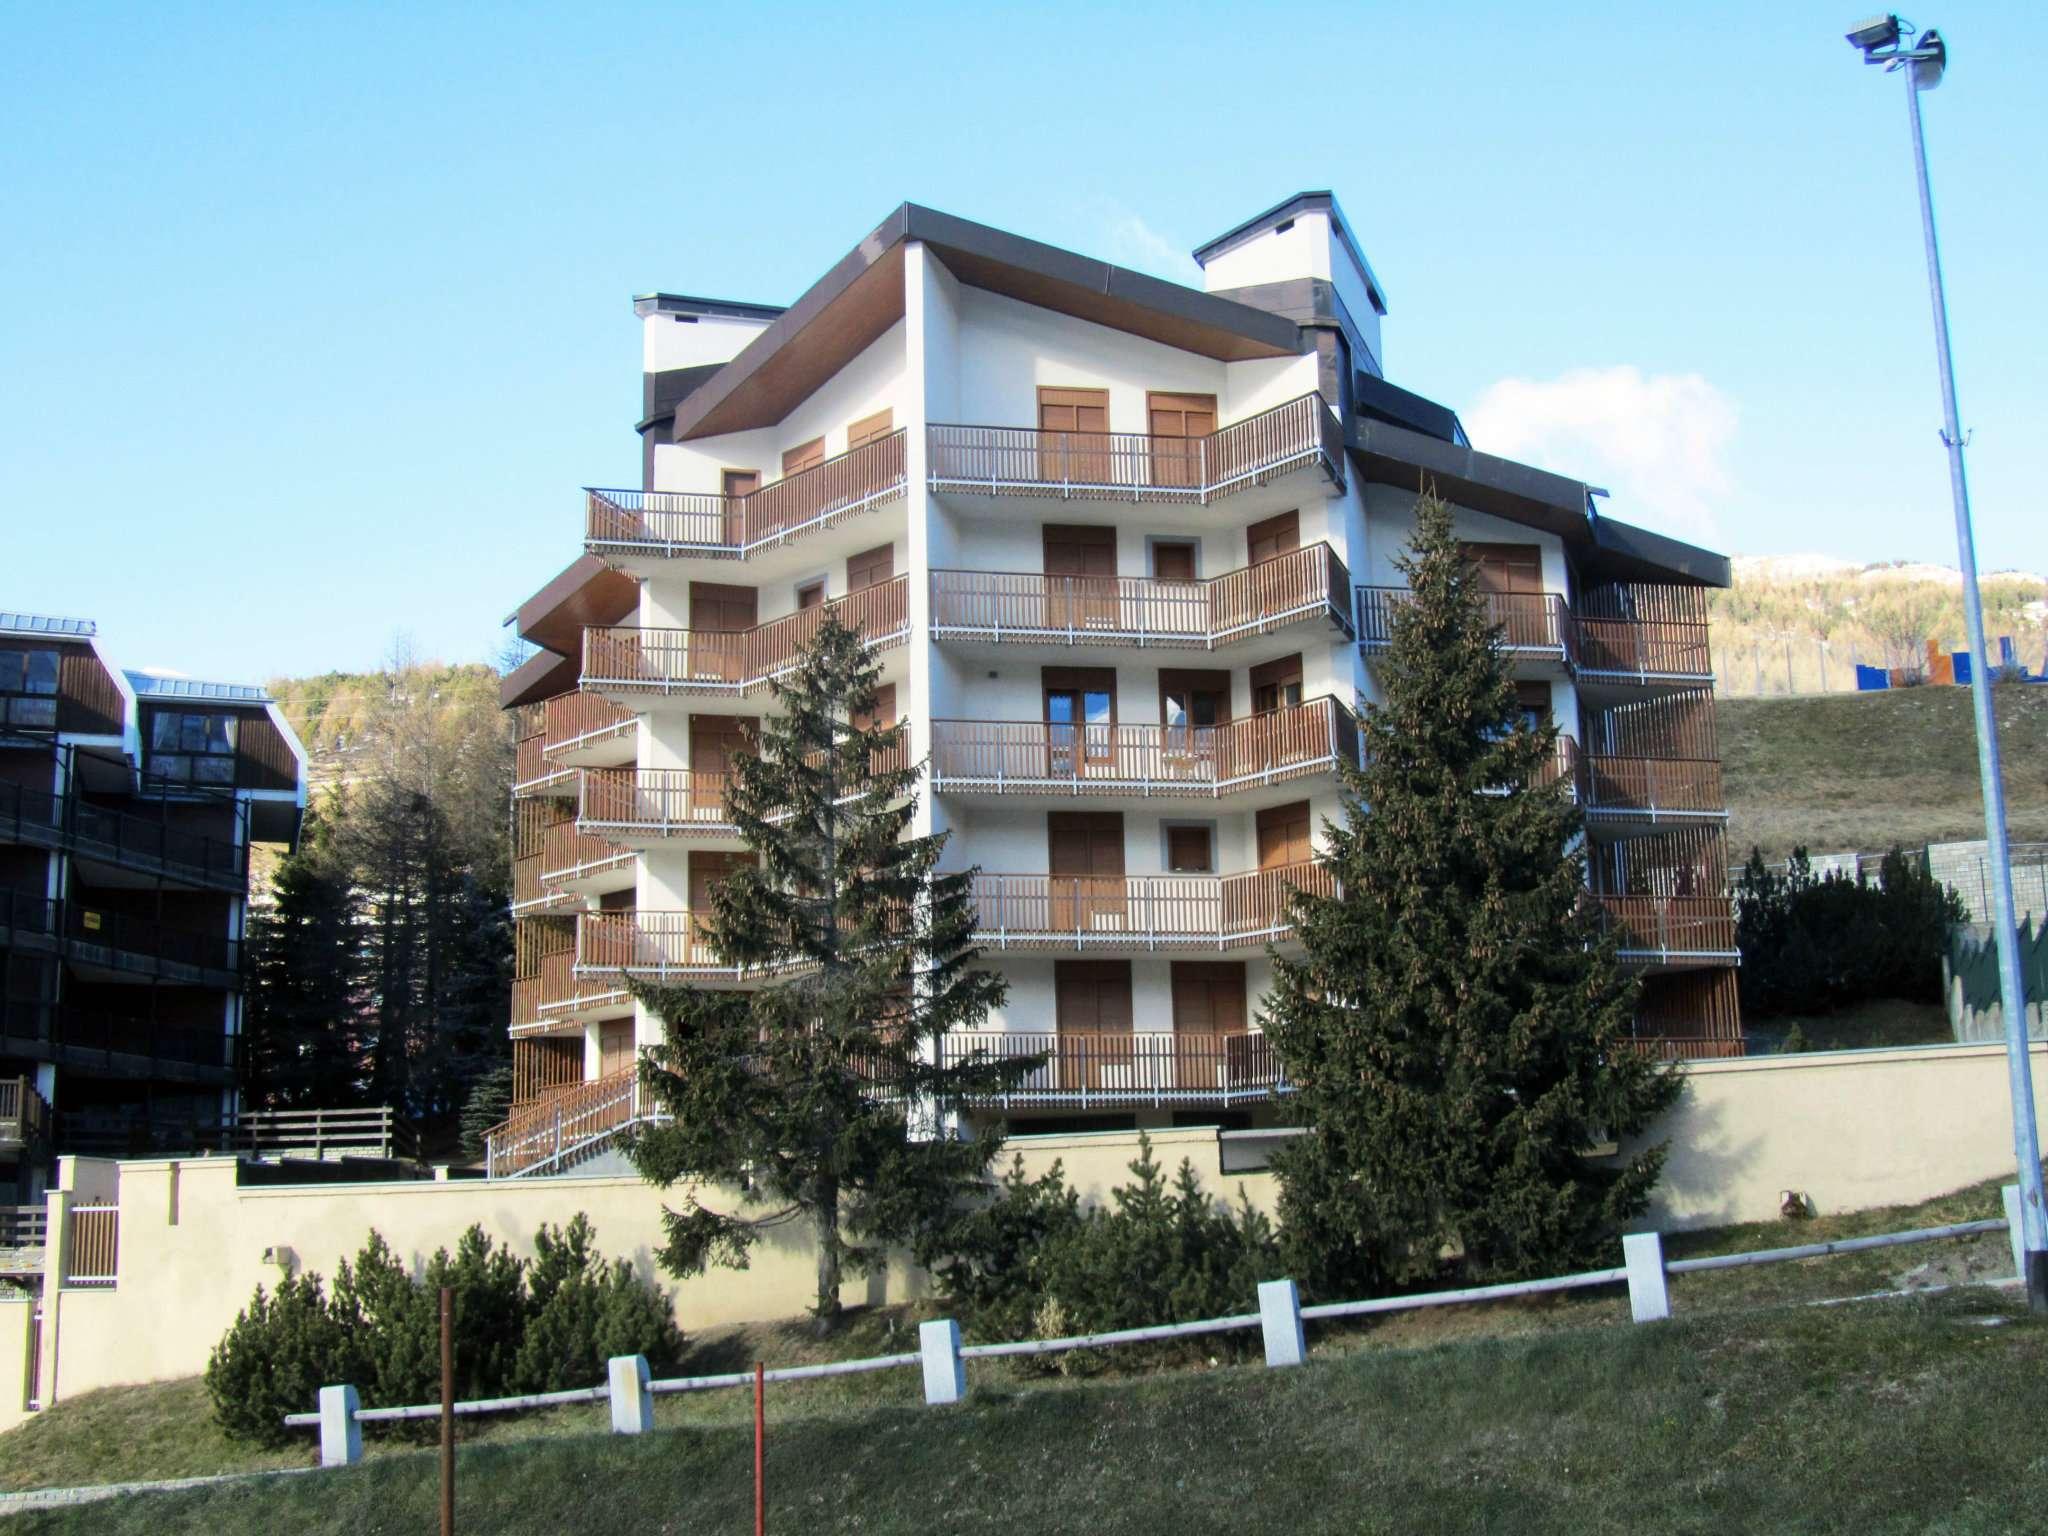 Appartamento in vendita indirizzo su richiesta Sestriere